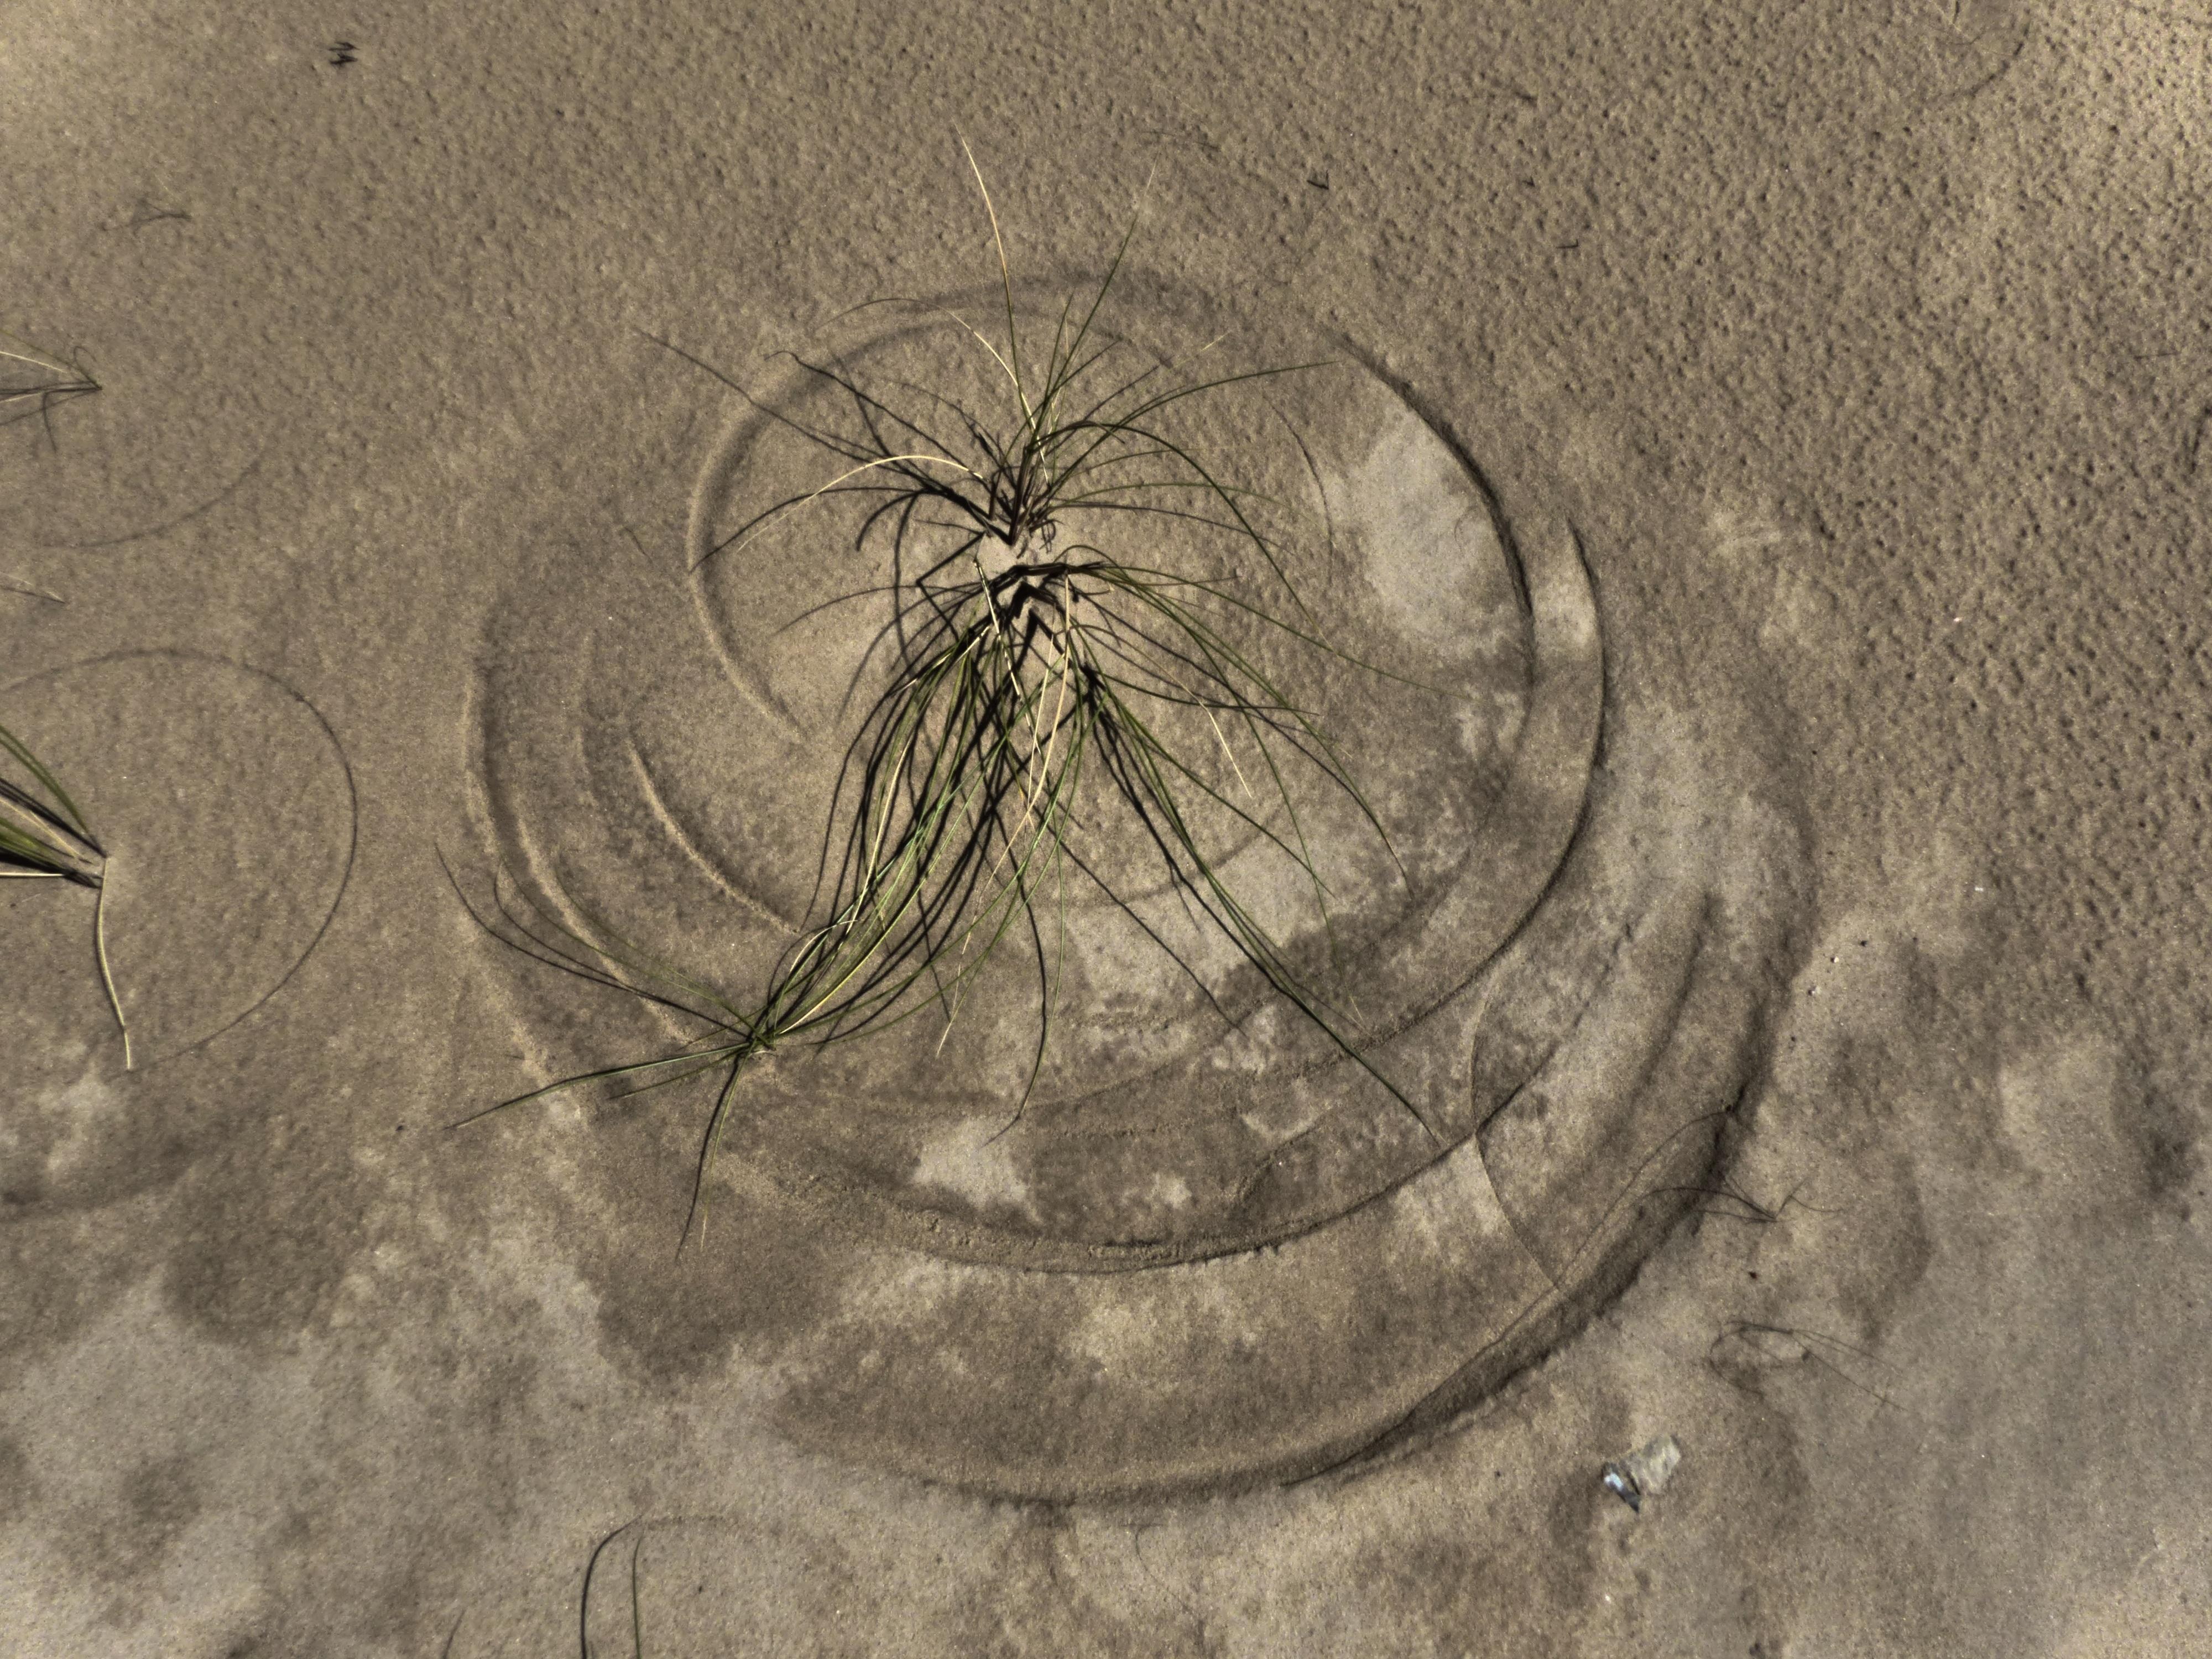 Kostenlose Foto Struktur Textur Boden Kreis Ornament Grashalm